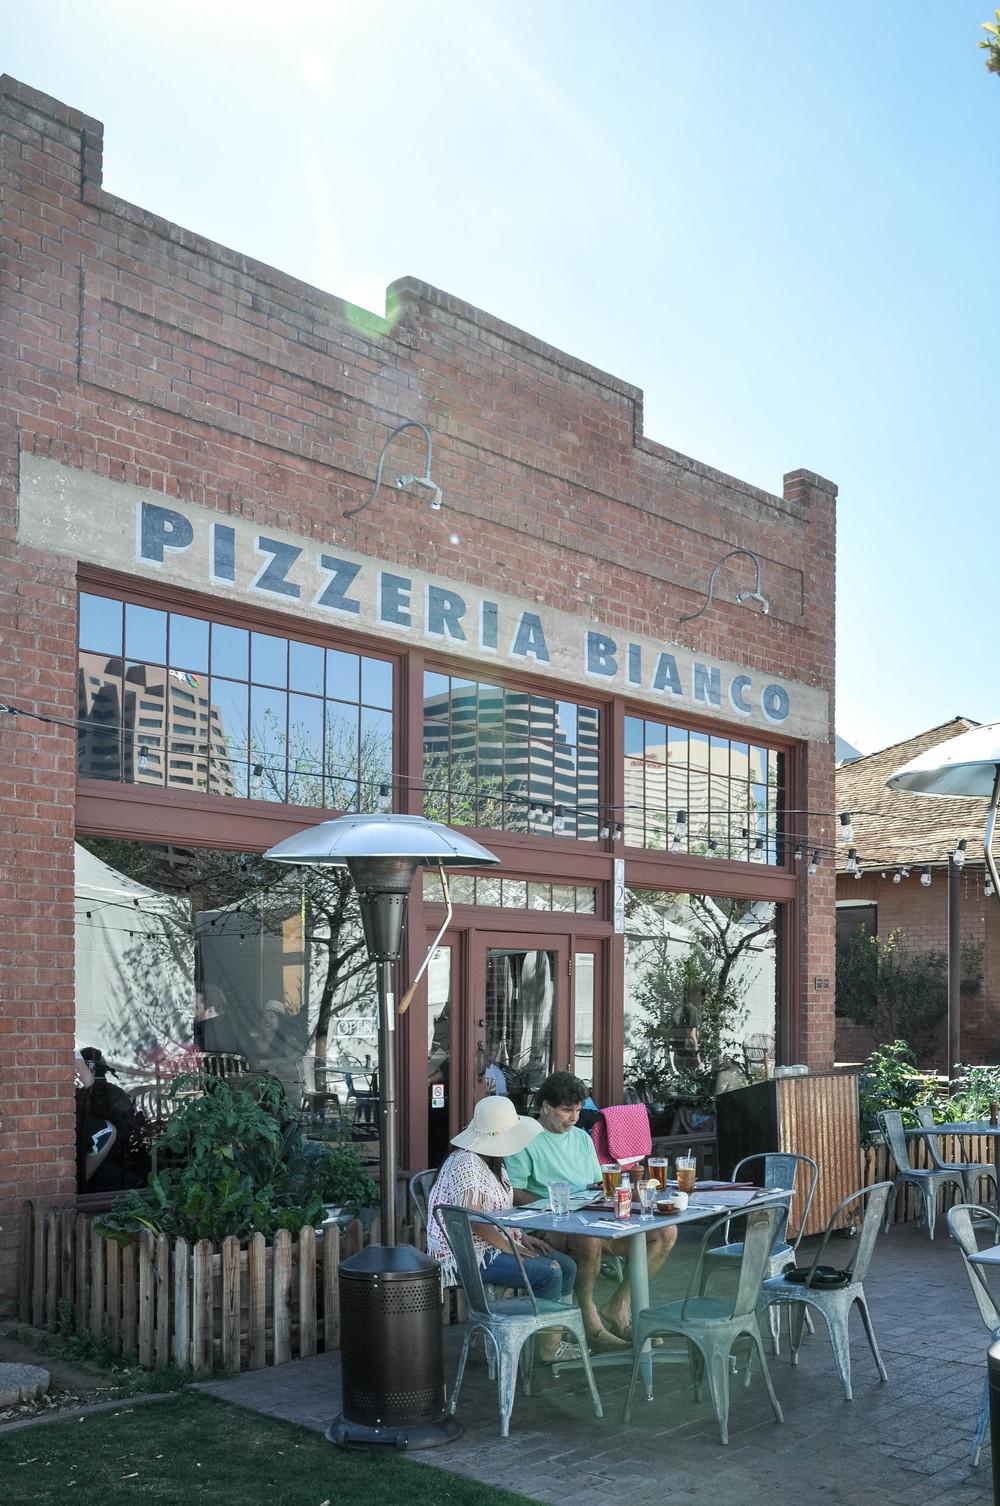 Pizzeria Bianco's